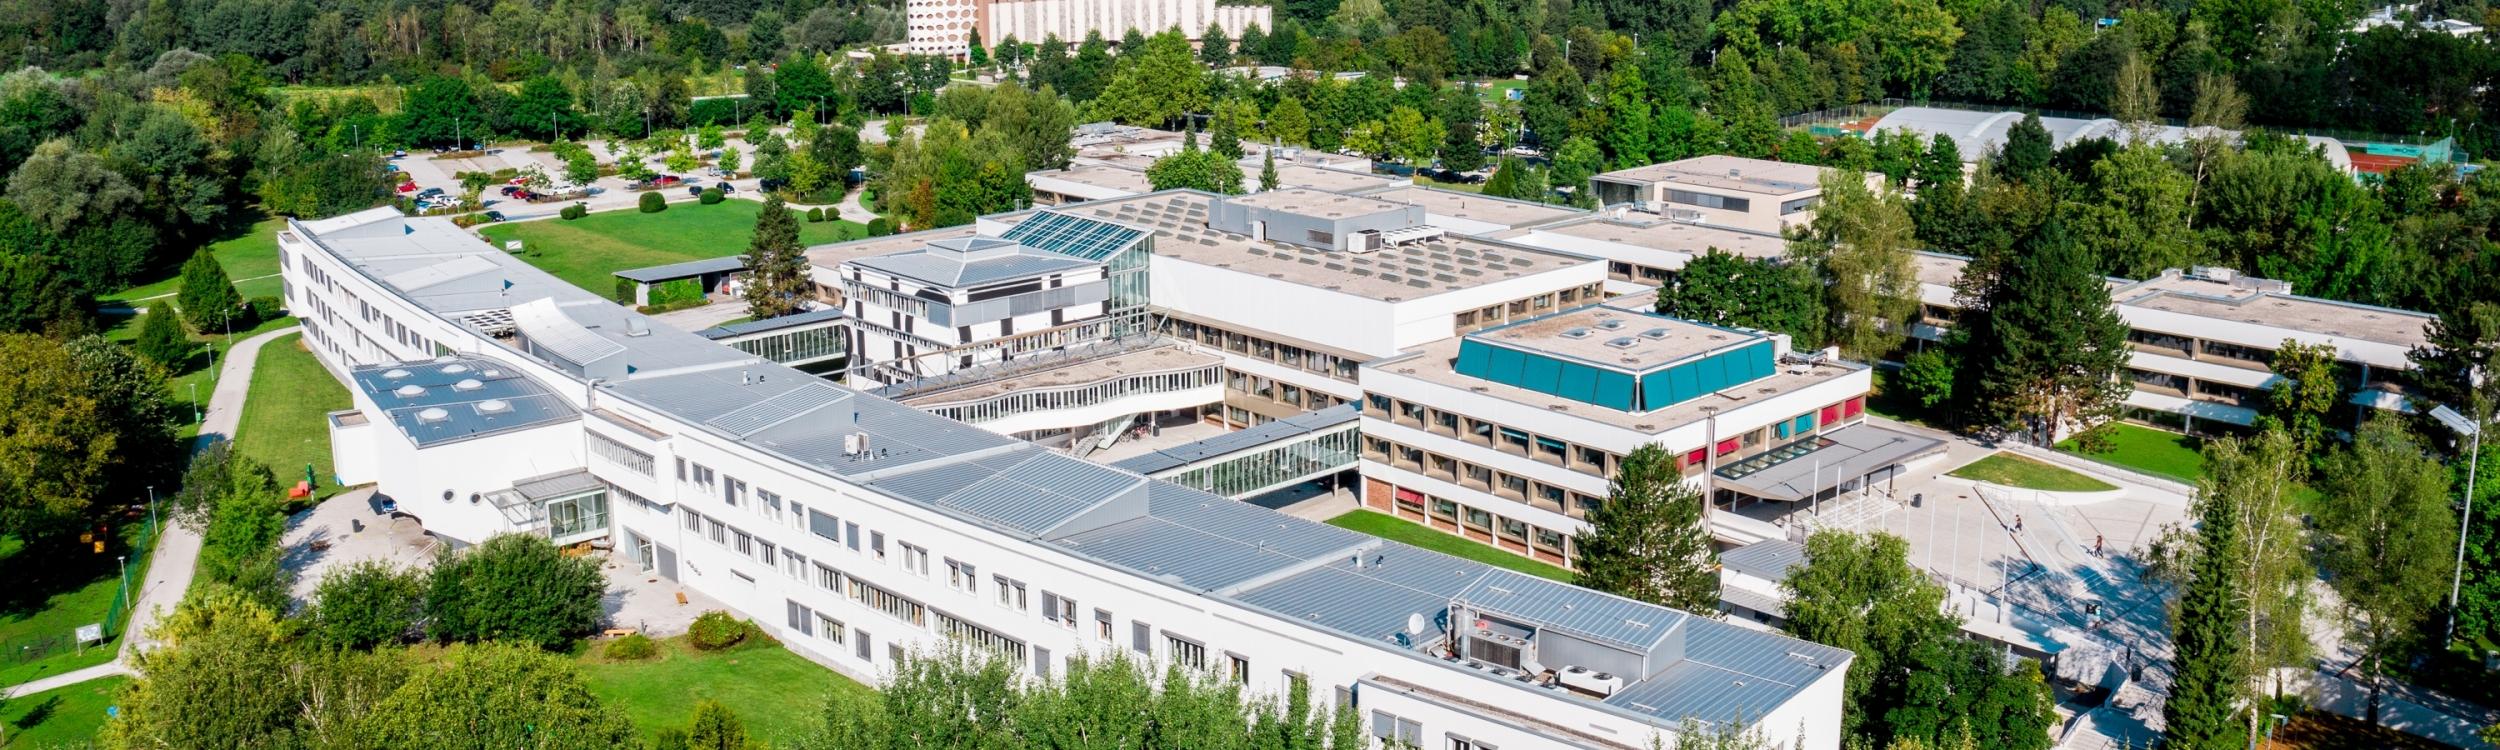 Luftbildaufnahme der Universität Klagenfurt 2019